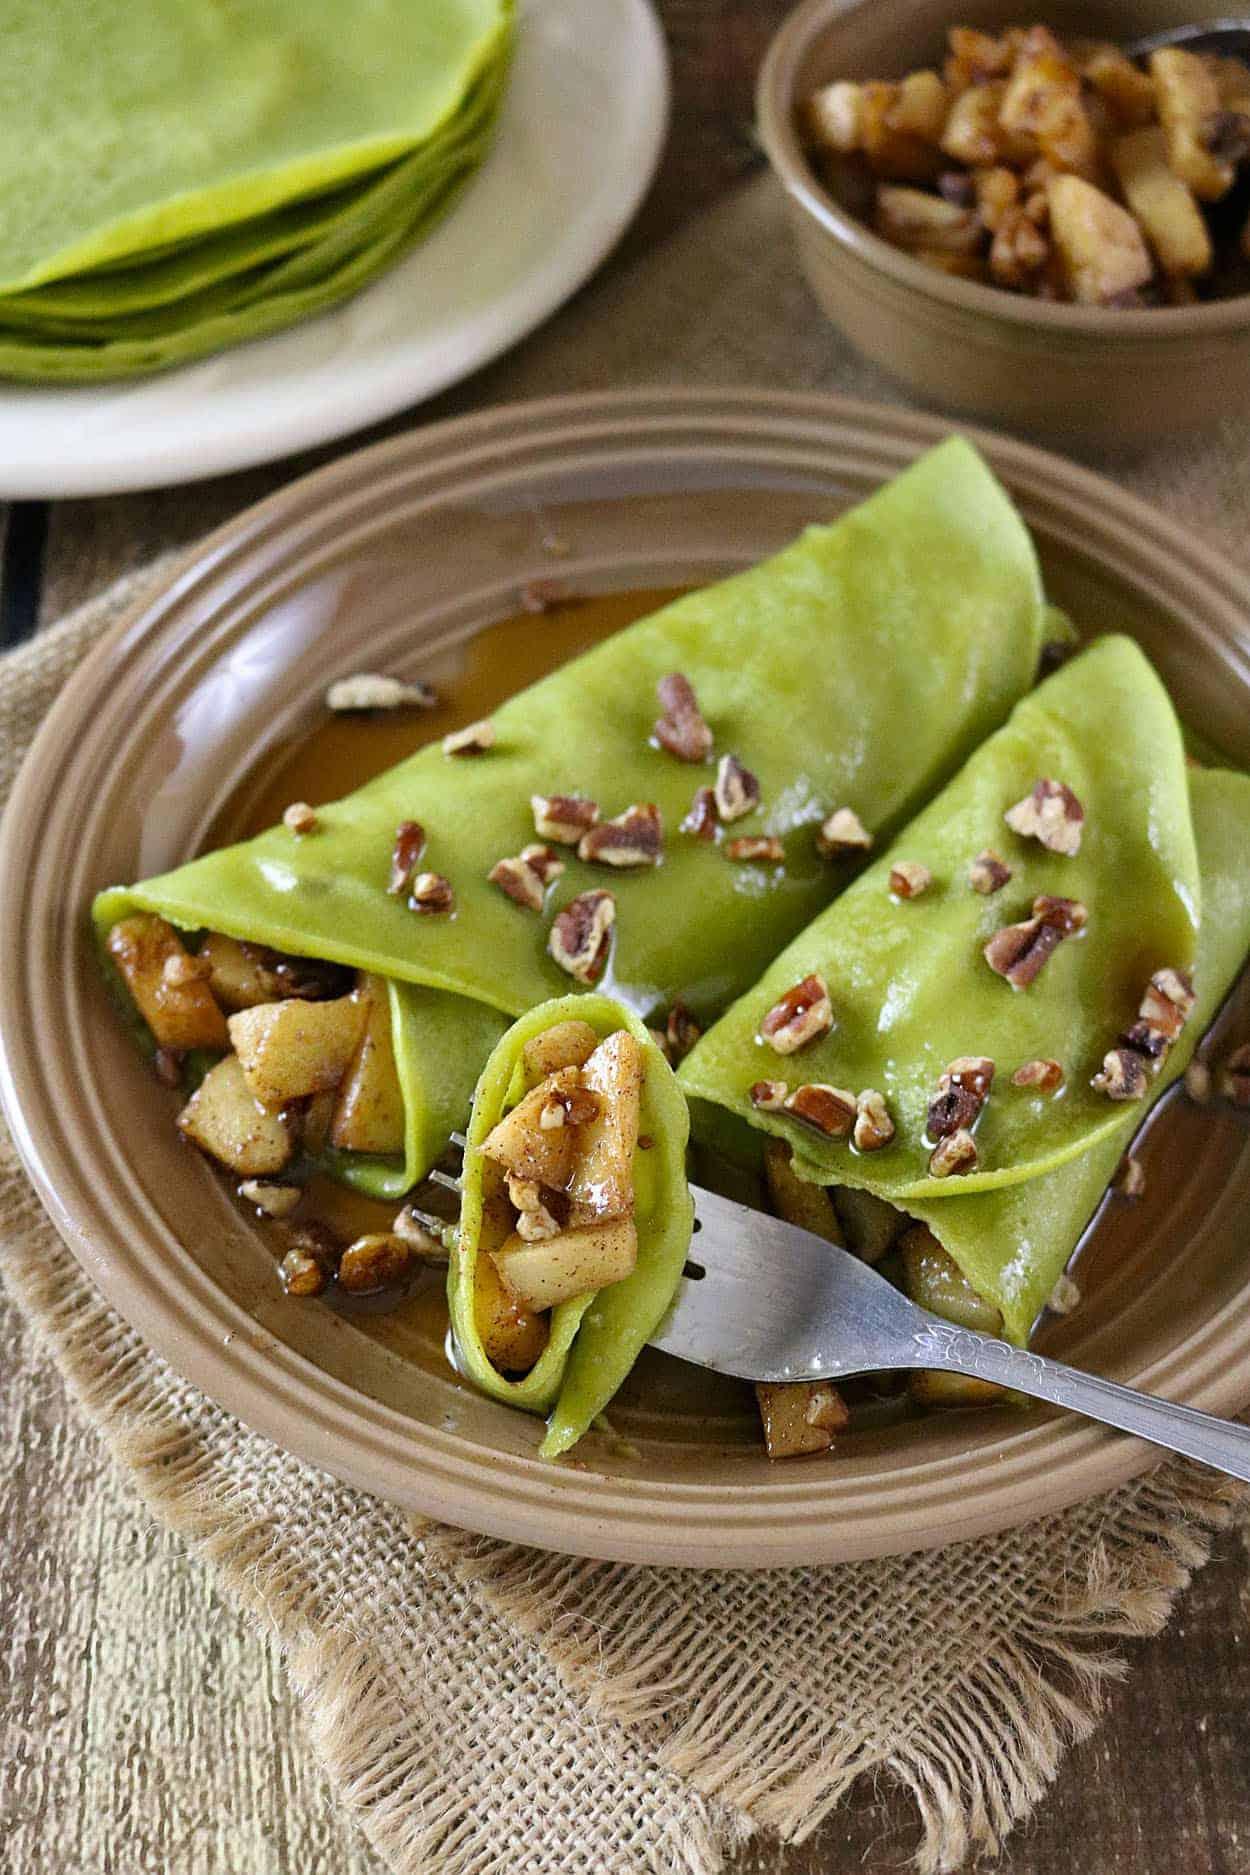 Matcha & Banana Protein Crepes